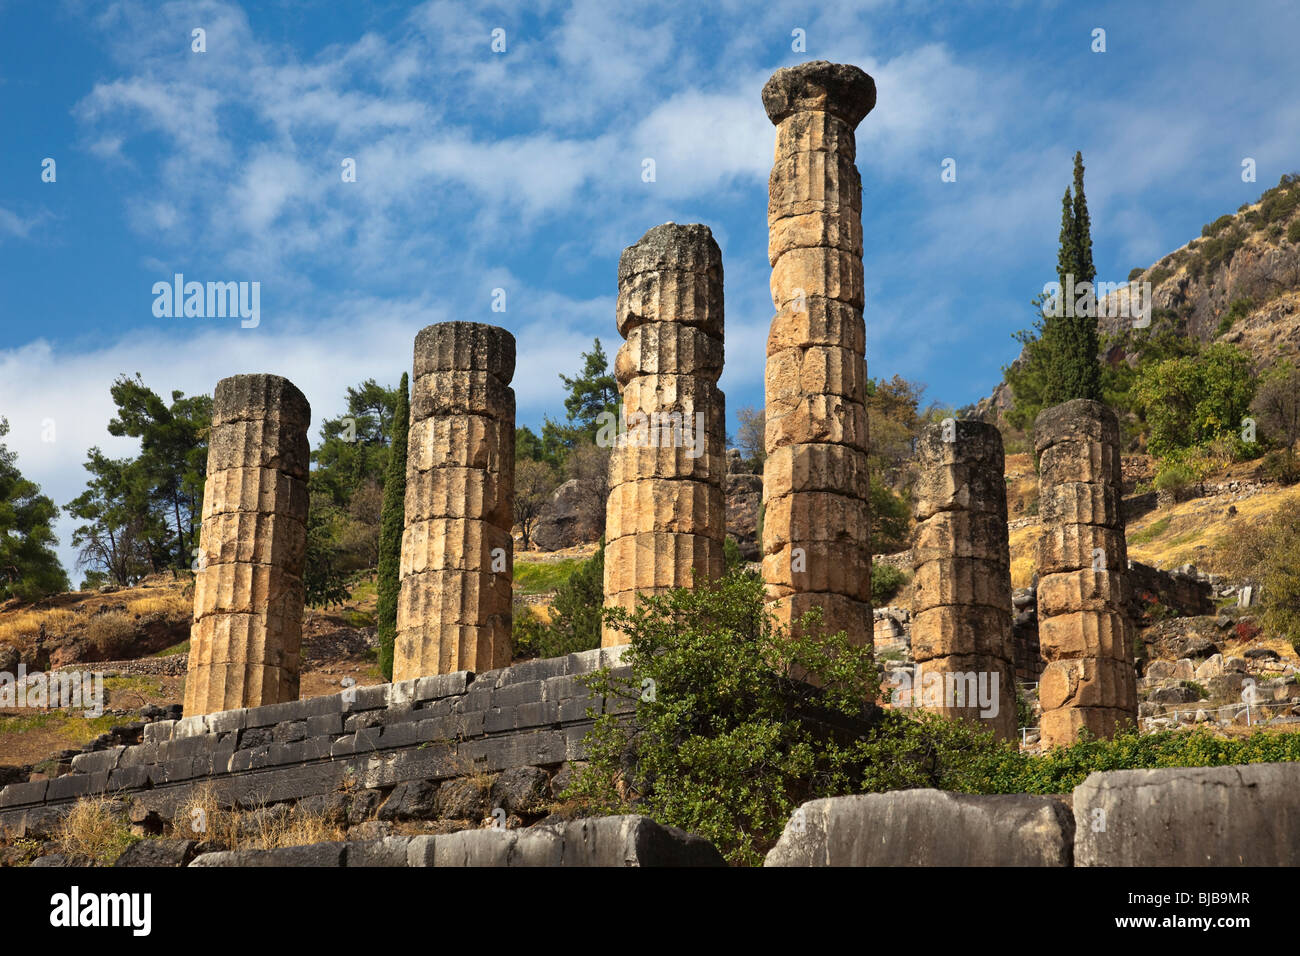 Ruins of Temple of Apollo in Delphi,Greece Stock Photo